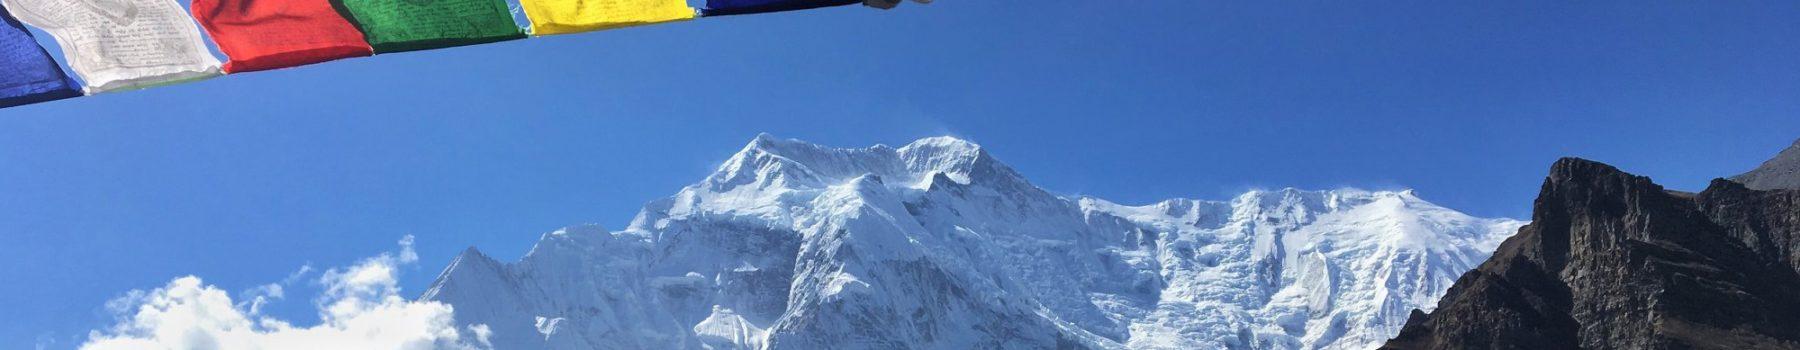 Himalaya Fair Trekking - Trekking und Mountainbike-Reisen nach Nepal, Bhutan und Ladakh.